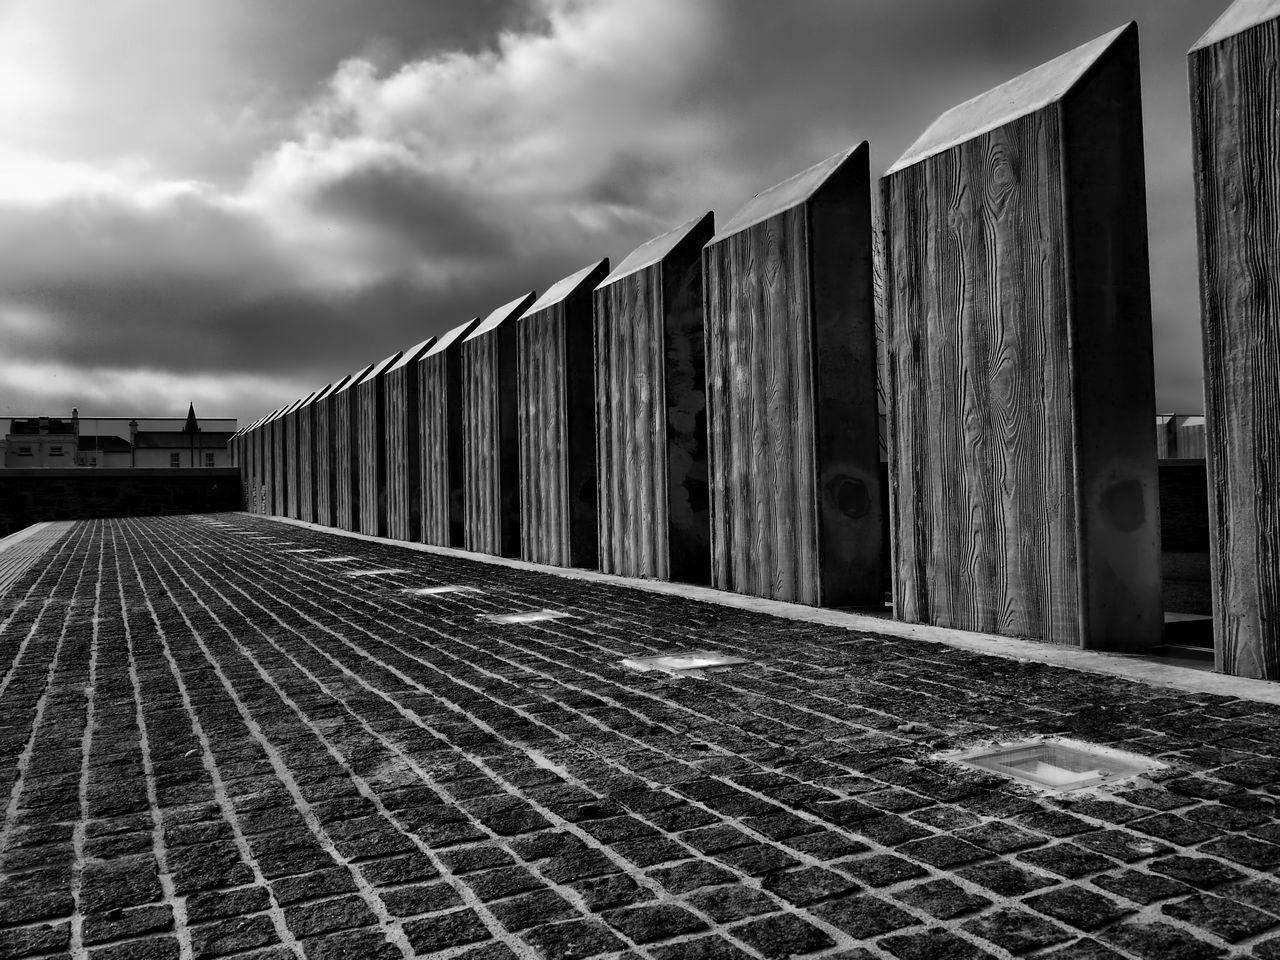 Architecture Blackandwhite Derry Derrylondonderry Empty Urban Geometry